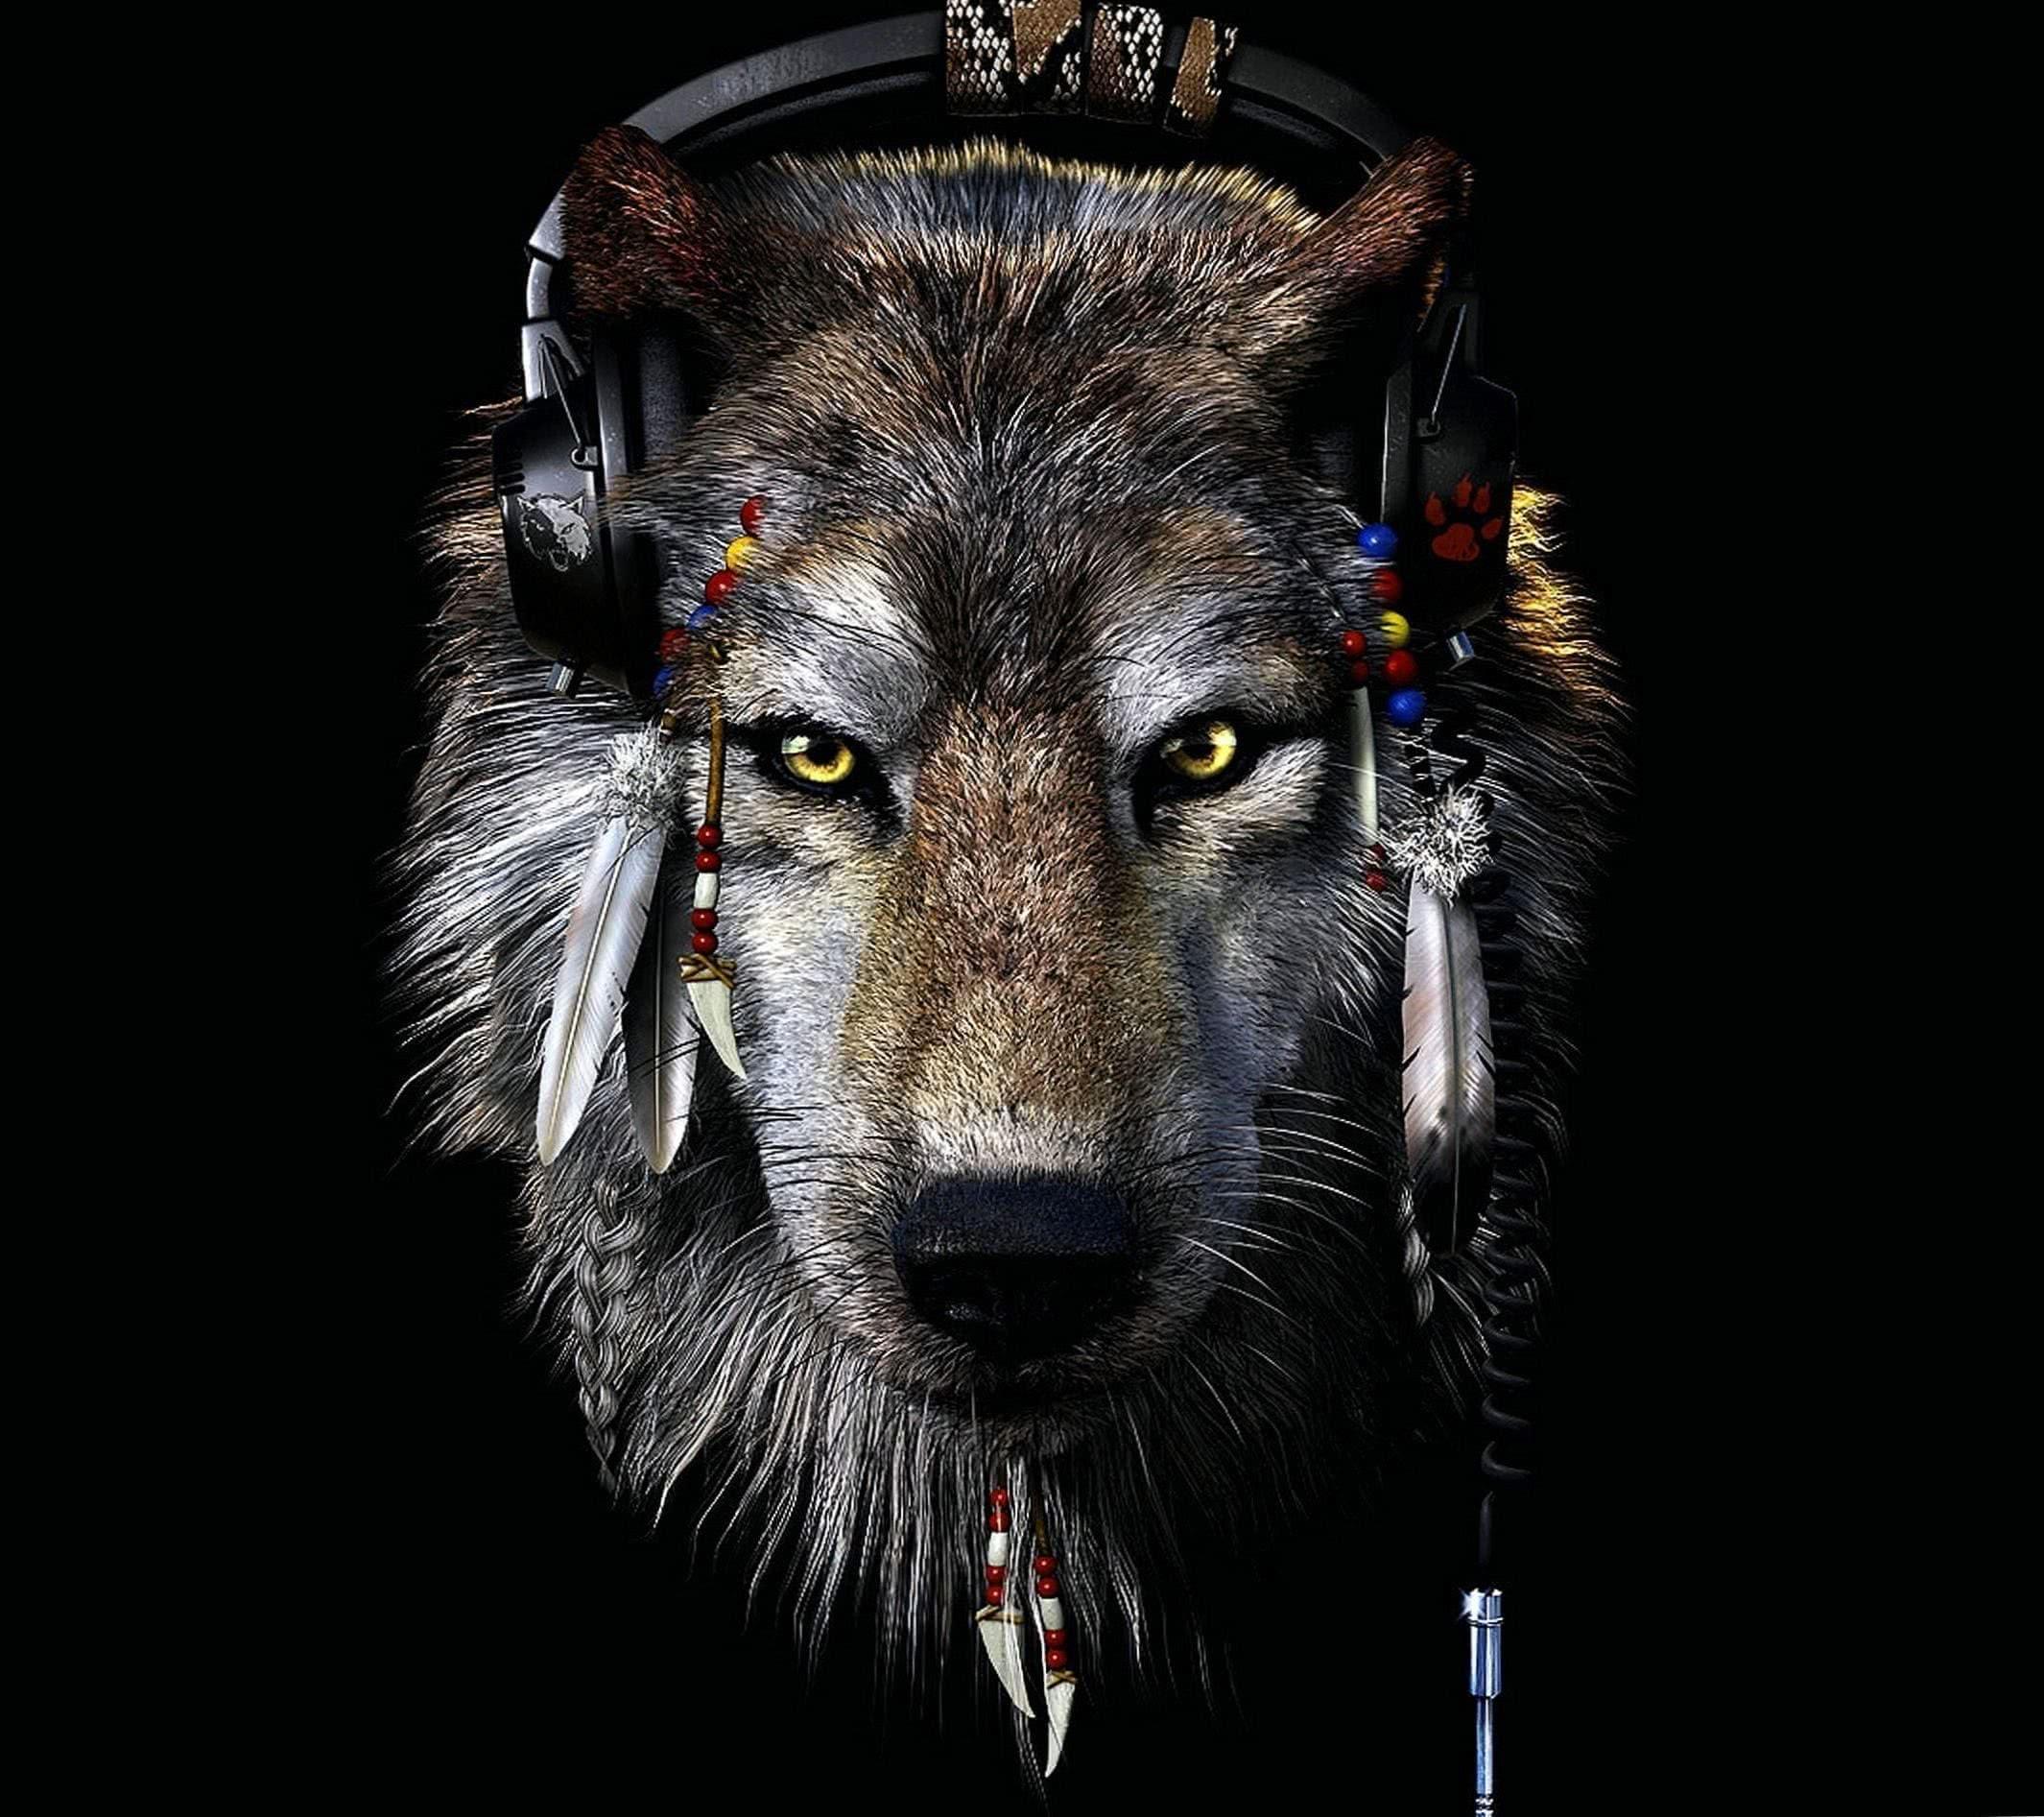 hd wolf backgrounds pixelstalknet 18 wolf wallpapers.pro